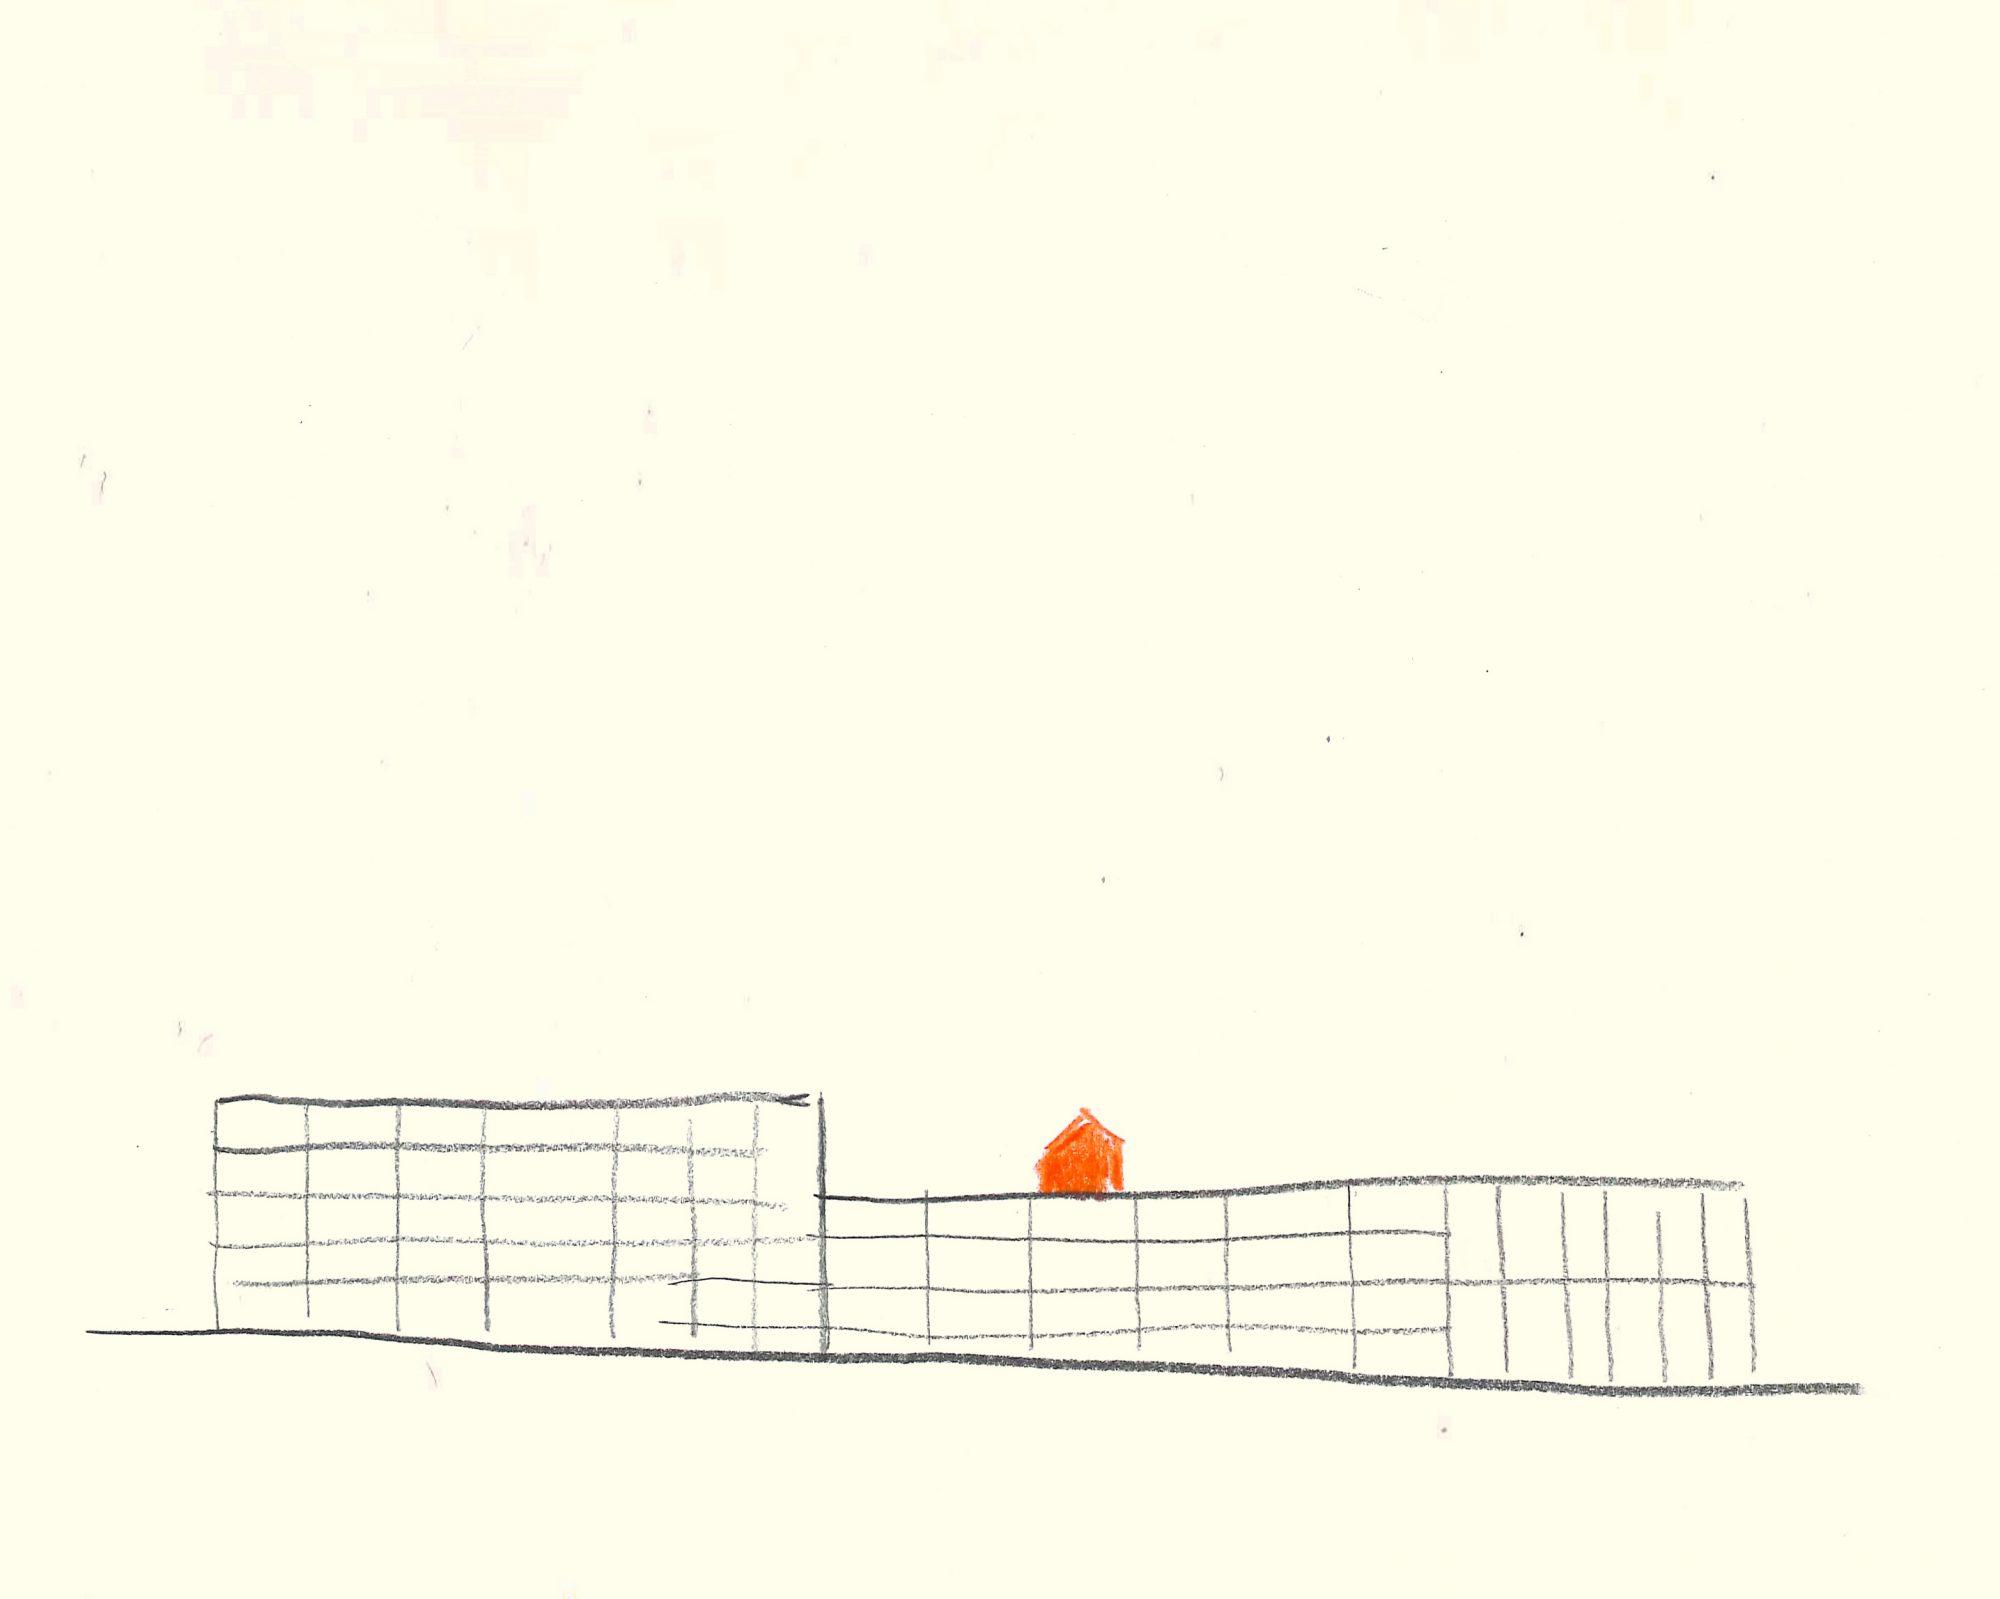 ARRHOV FRICK BRUNSTORP 01